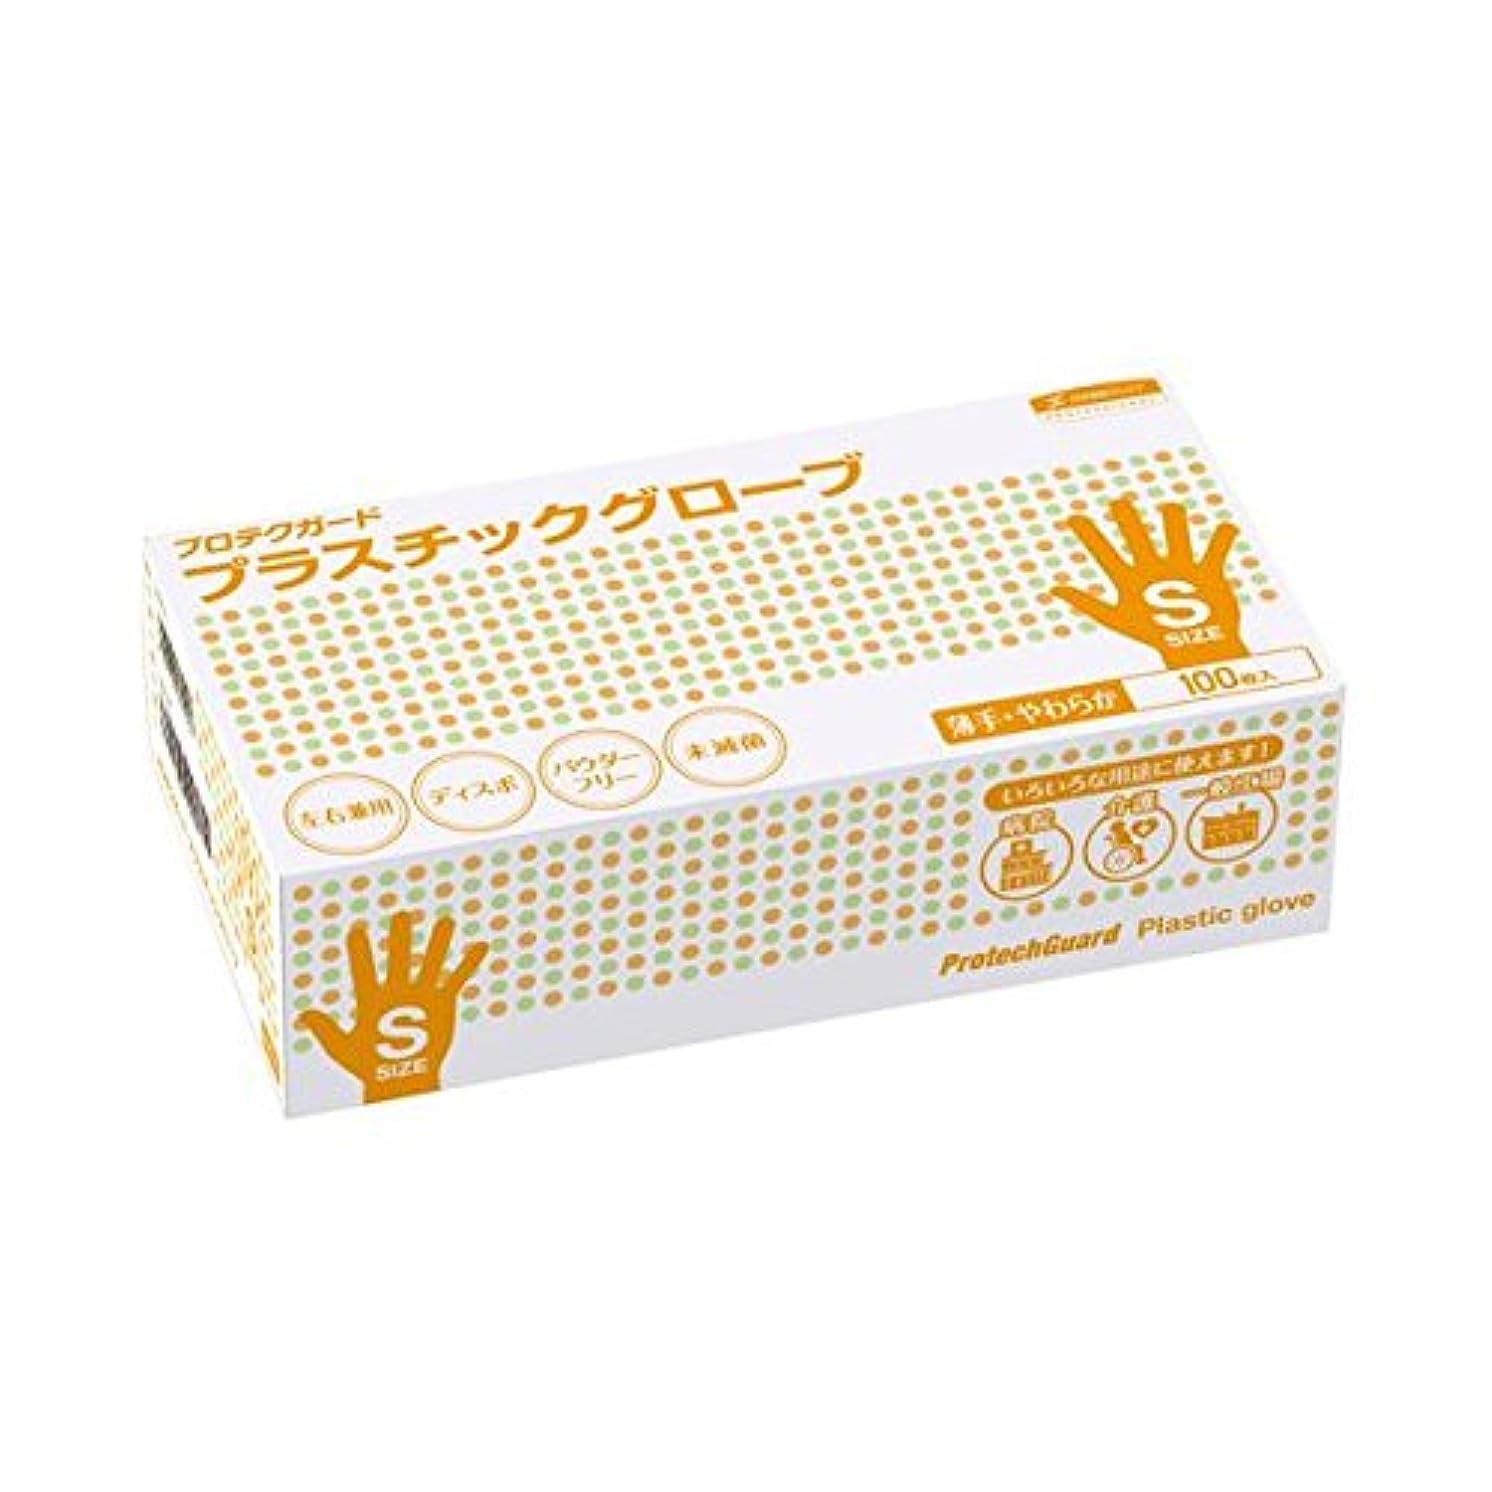 盲目バックグラウンド不適当(業務用20セット) 日本製紙クレシア プロテクガード プラスチックグローブS